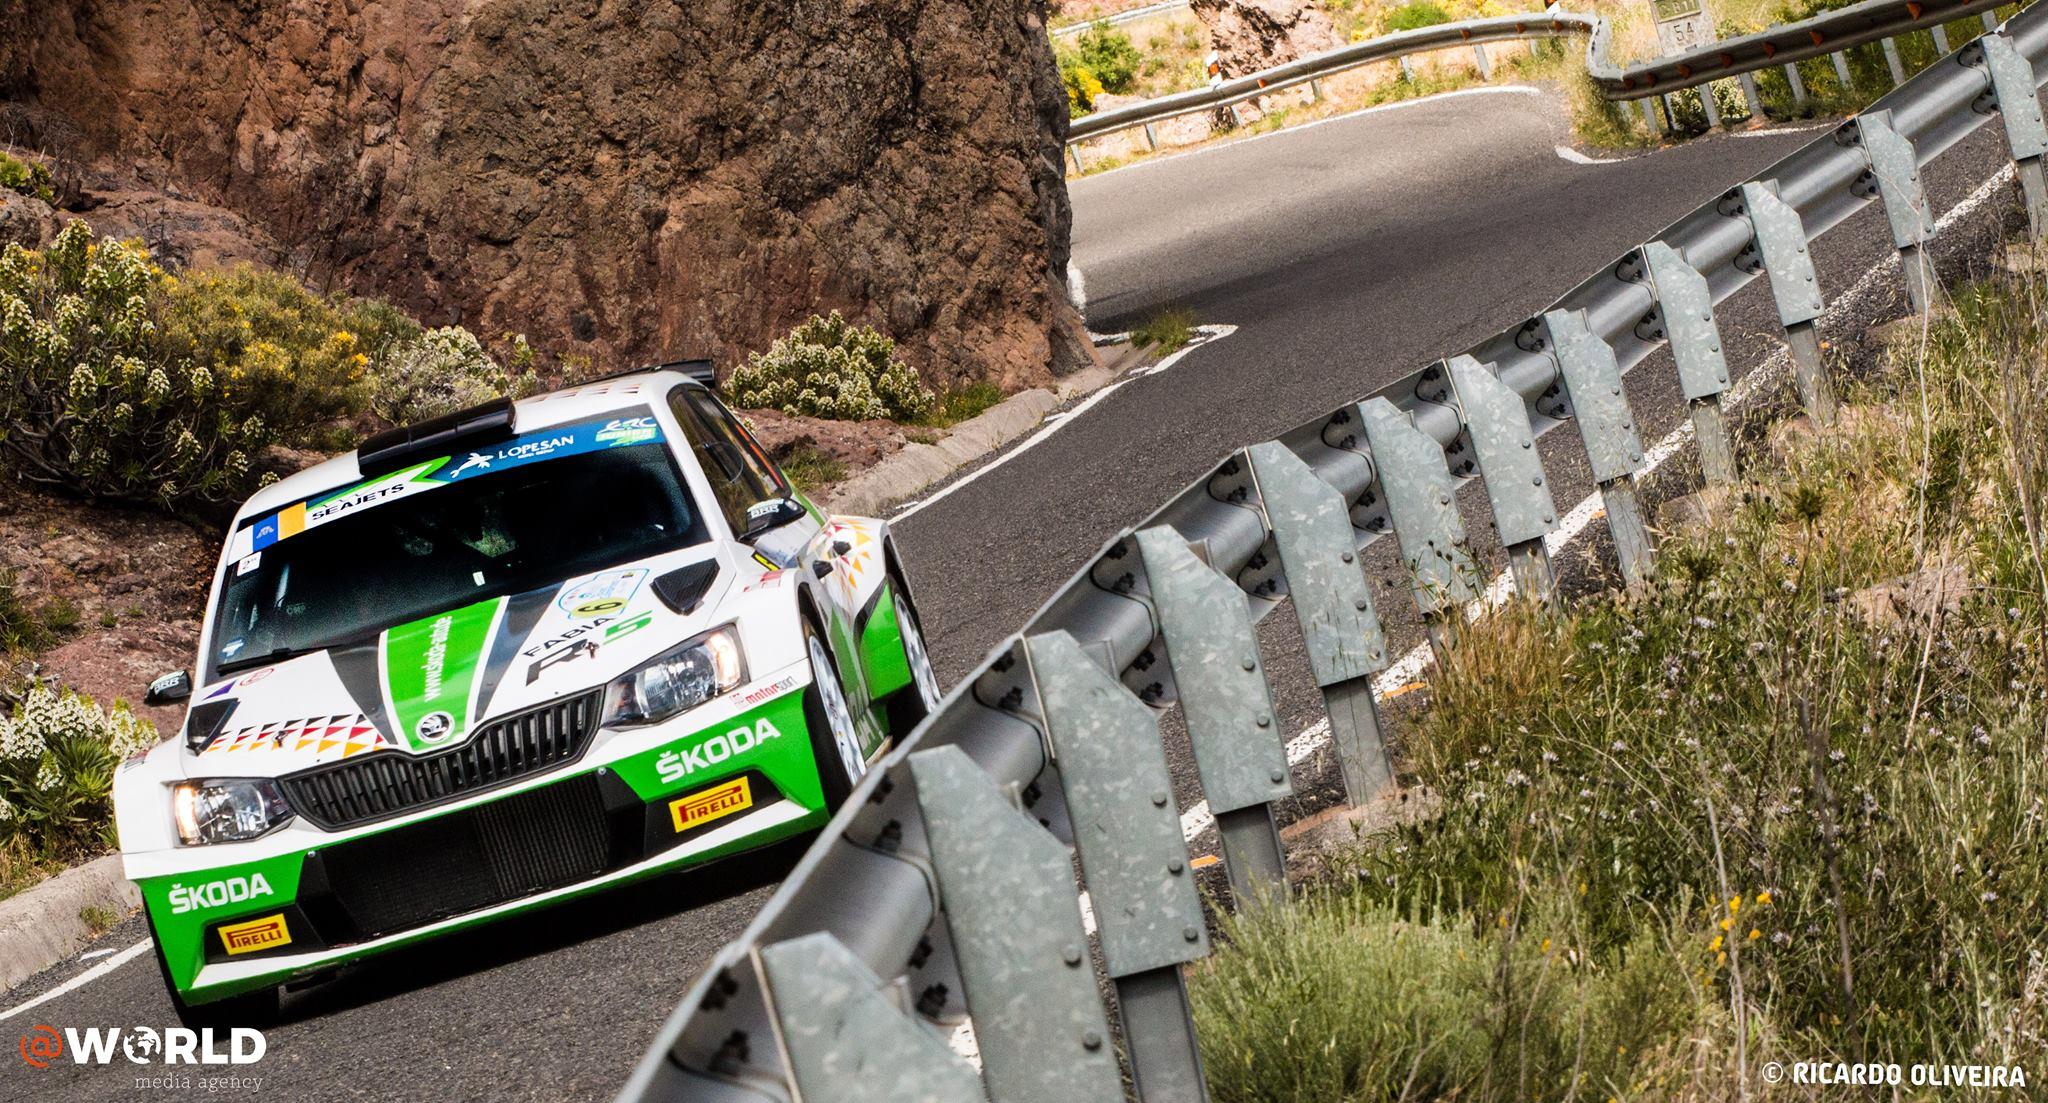 """En 2019, Martins Sesks, âgé de seulement 19 ans, aura donc l'opportunité de se frotter aux autres pilotes de l'ERC Junior U28. Si pour l'heure seul deux épreuves, à savoir :le Rally Islas Canarias et le Rally di Roma Capitale, figurent à son programme, d'autres rallyes pourraient venir compléter sa saison. Deux manches auxquelles il participera au volant d'une Skoda Fabia R5 alignée par le team Motorsport Italia et chaussée de pneus Pirelli. """"Évidemment, l'espoir est que Martins soit en mesure d'ajouter d'autres rallyes et de trouver le financement supplémentaire nécessaire pour disputer une saison complète en ERC Junior U28. Et en se basant sur le potentiel qu'il a montré pour l'instant, il n'y a aucune raison qu'il ne puisse jouer le titre en 2019 et ainsi recevoir un nouveau prix en vue de 2020."""""""